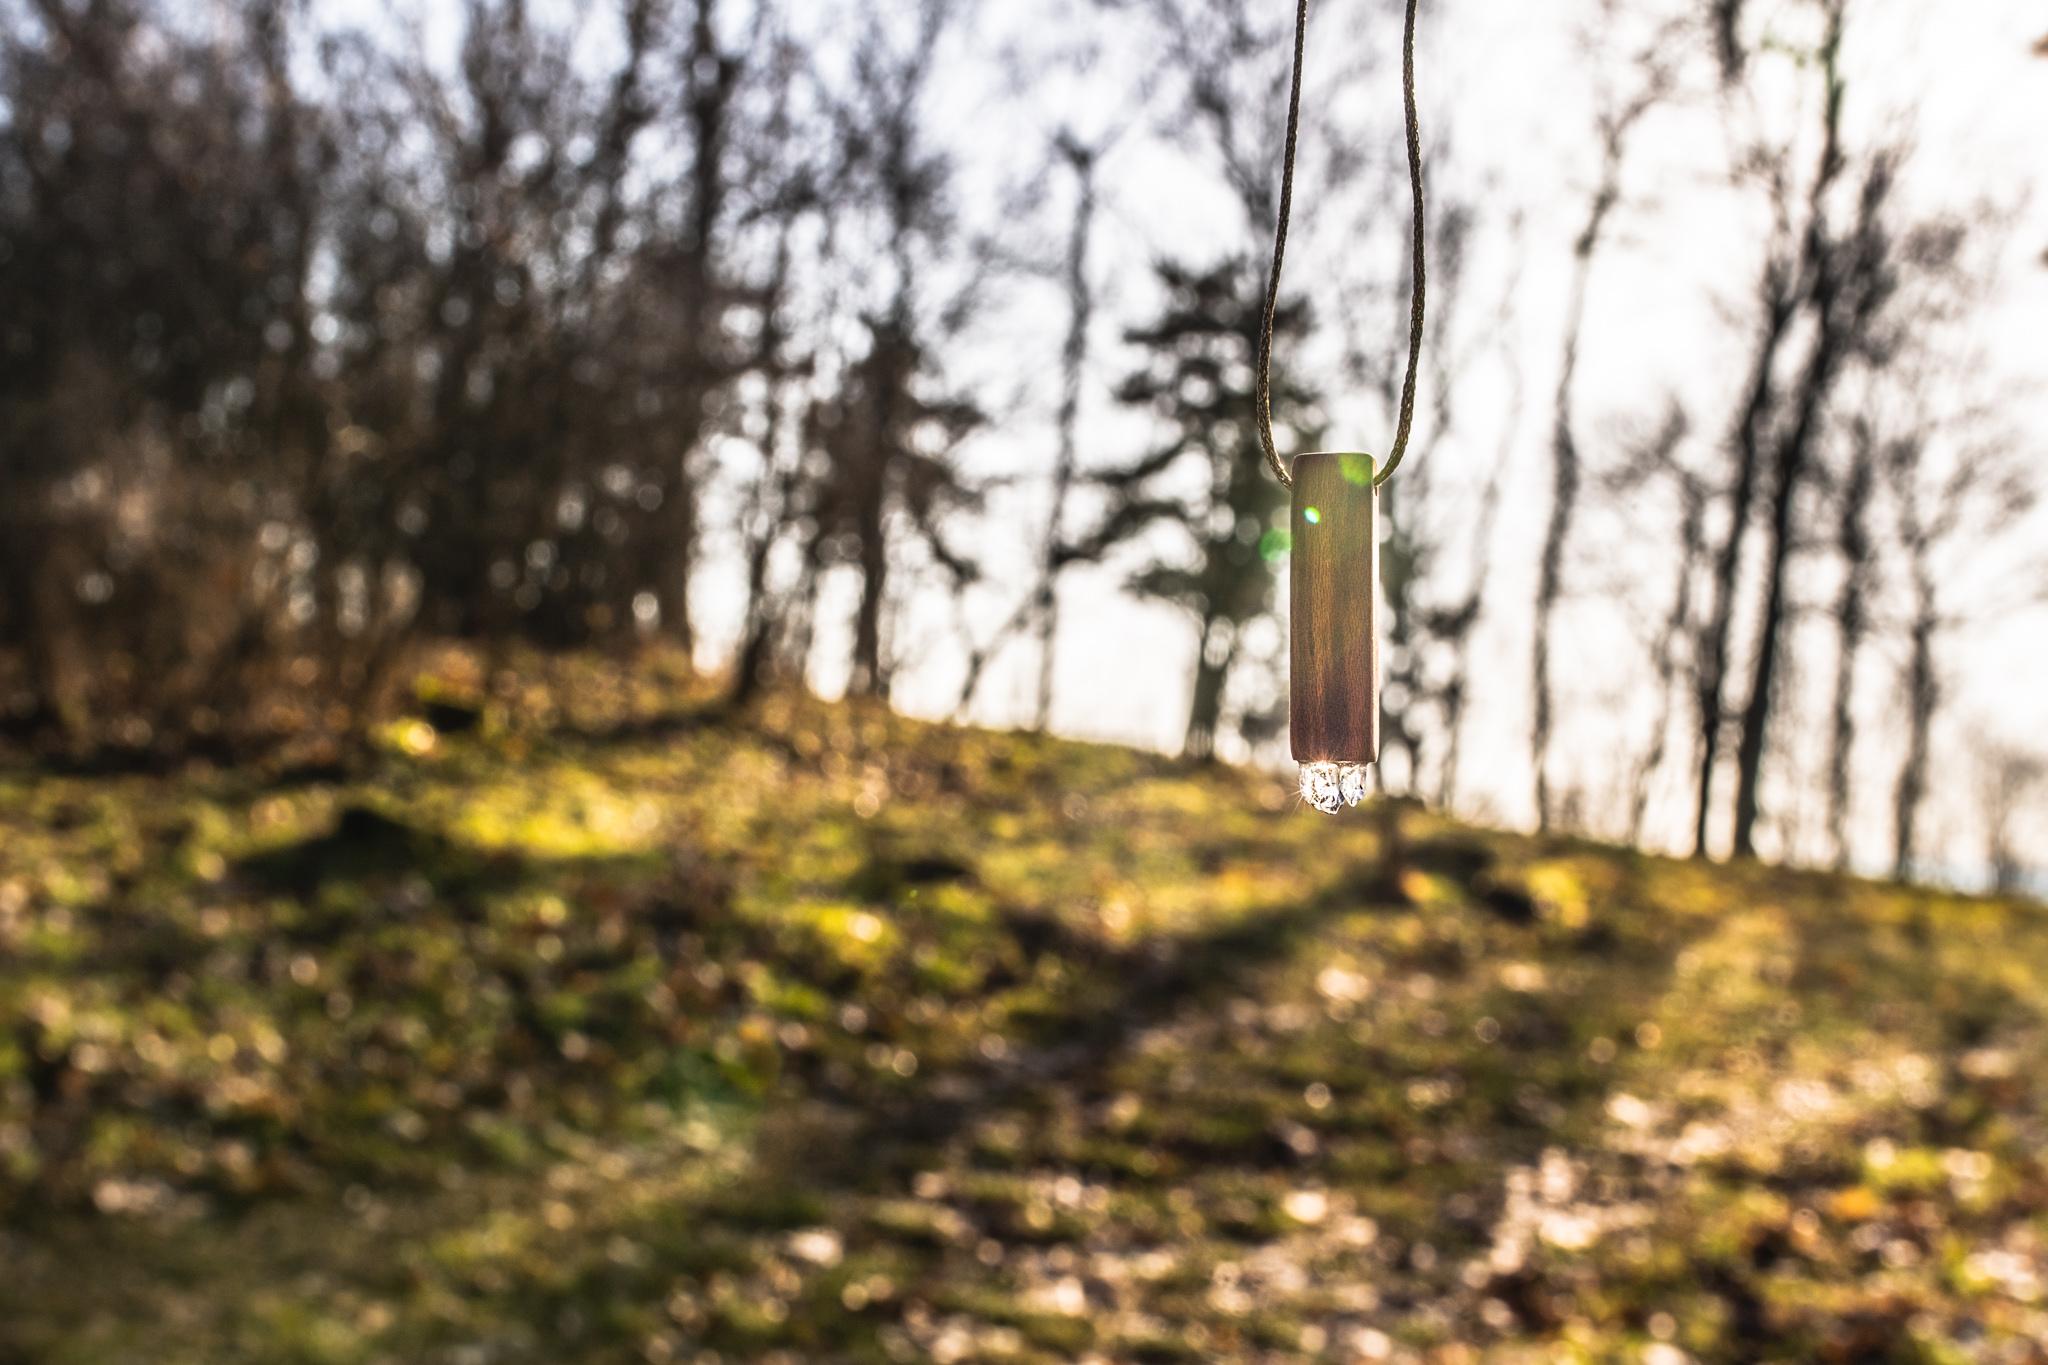 Švestková Prasklinka s Křišťálem. Každá prasklinka je a bude absolutním originálem...Dřevíčko jsem ošetřila pomocí přírodní směsi Odie's oil. (Vyrobeno ručně)